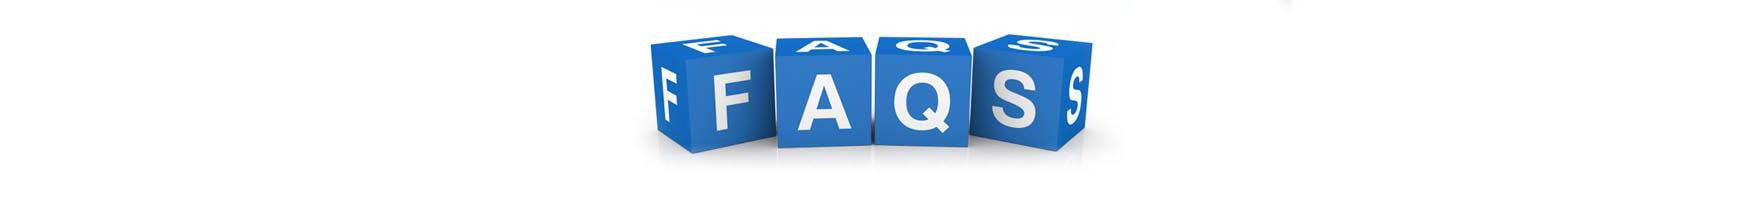 FAQs - Câu hỏi thường gặp